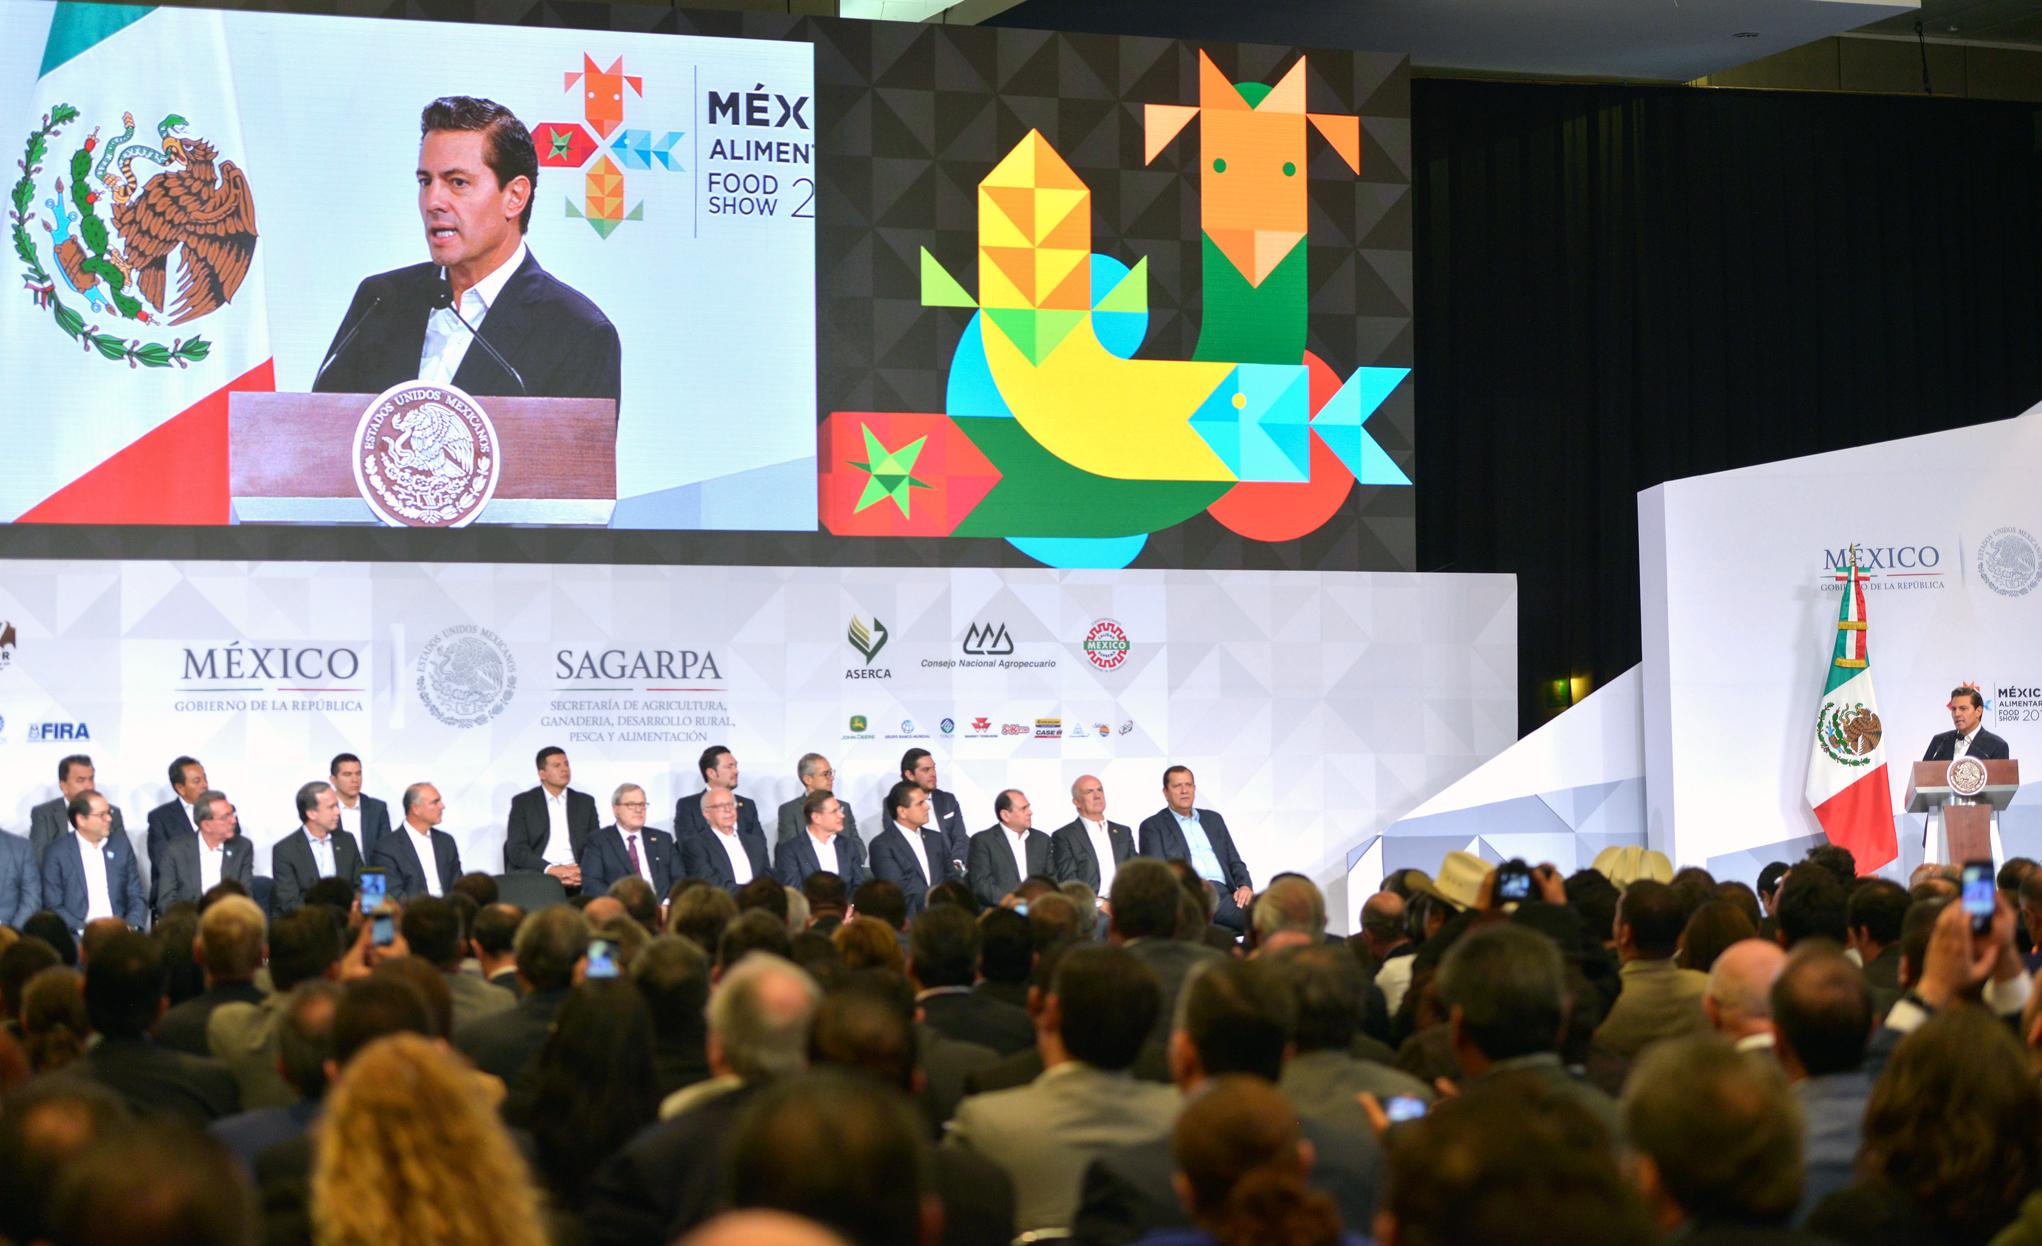 """El Primer Mandatario señaló que la Expo Alimentaria """"apenas llega a su segunda edición y ya se ha convertido en el evento en su género más importante de América Latina""""."""